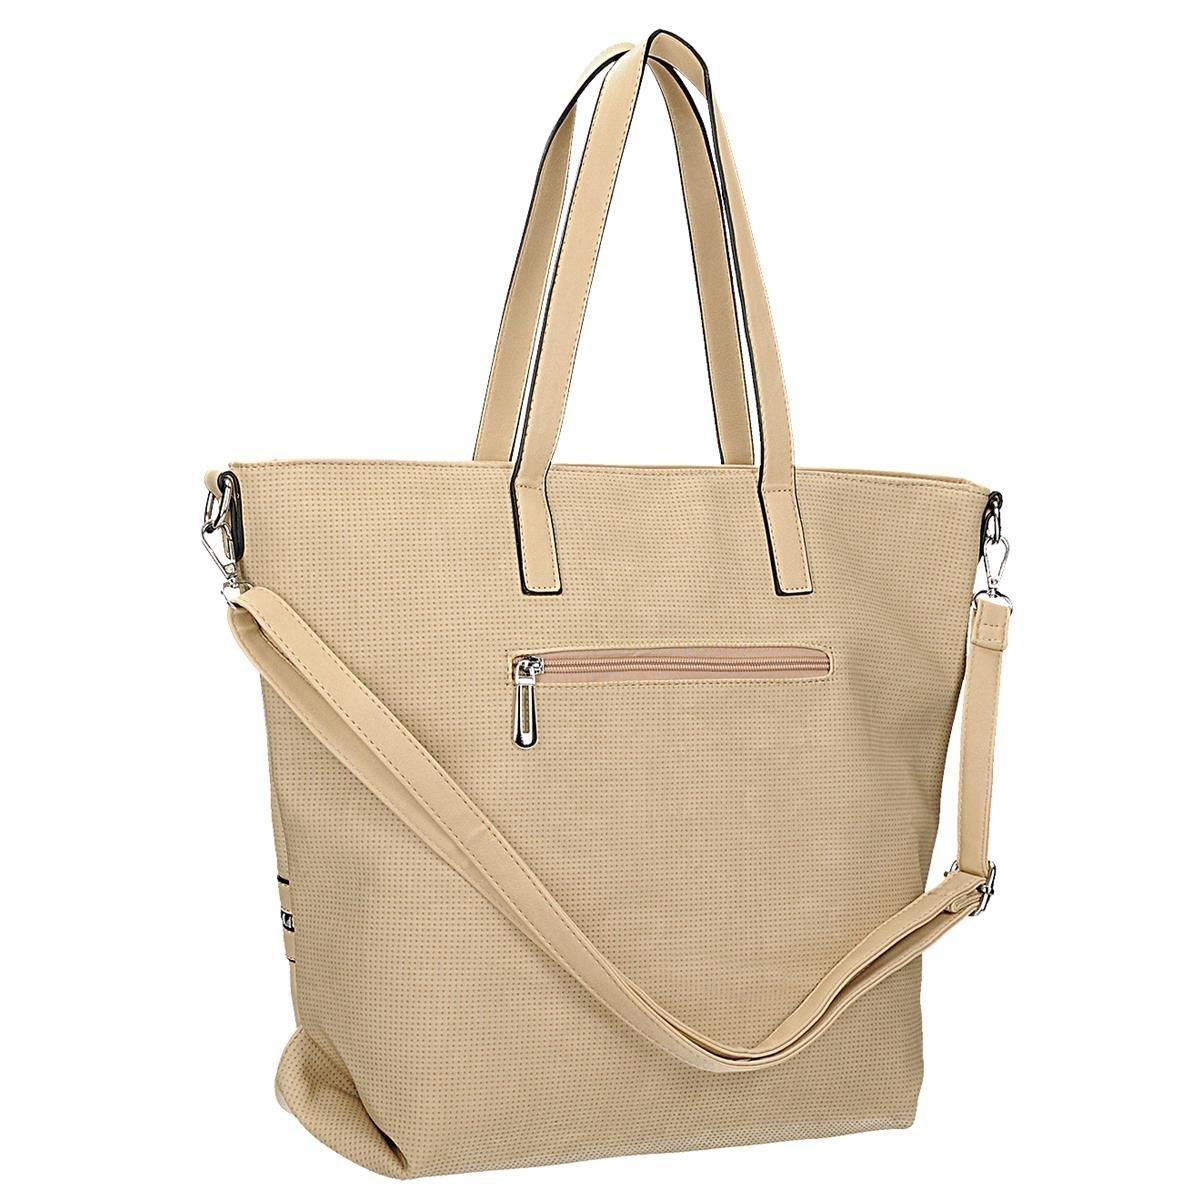 8e27478166c69 Klasyczna torebka damska w kolorze beżowym z ozdob - 7333256854 ...